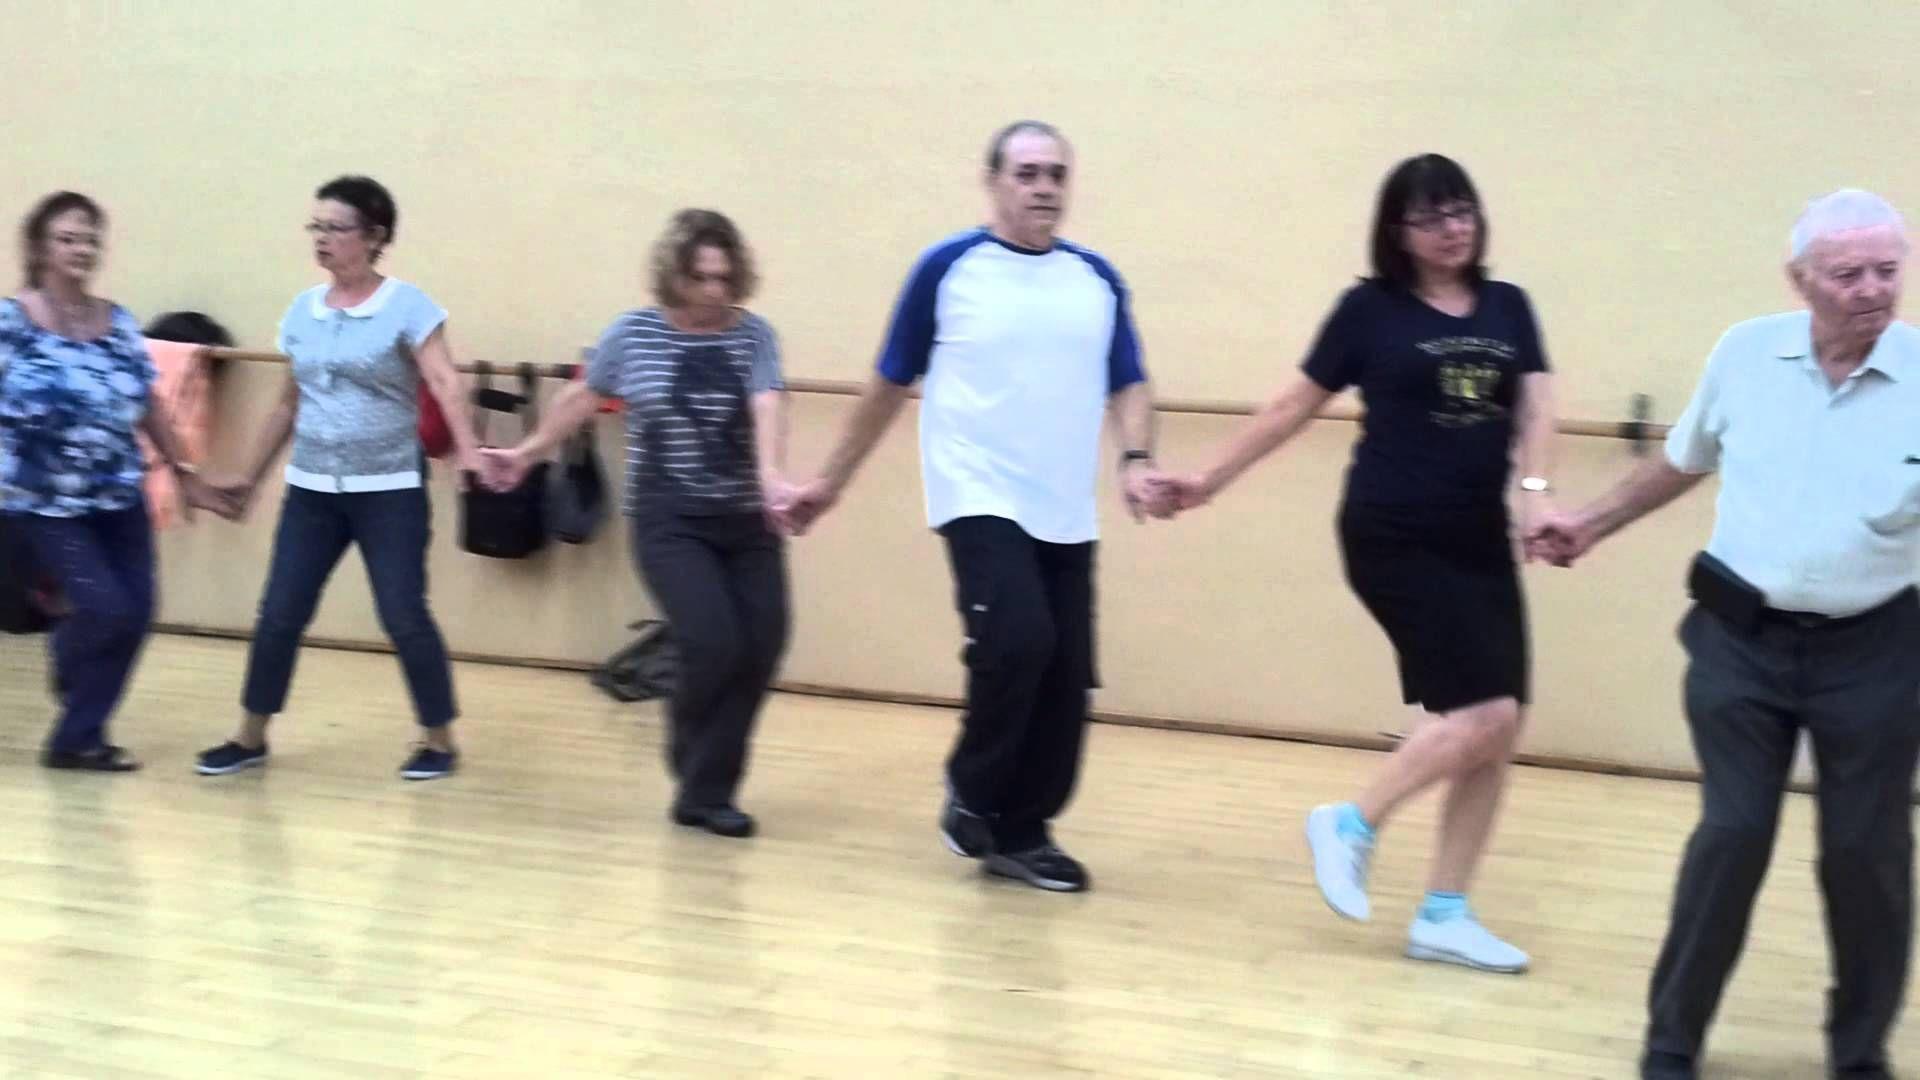 Retko Kolo, Serbia, Balkanitsa- Haifa Dance Group, 2014